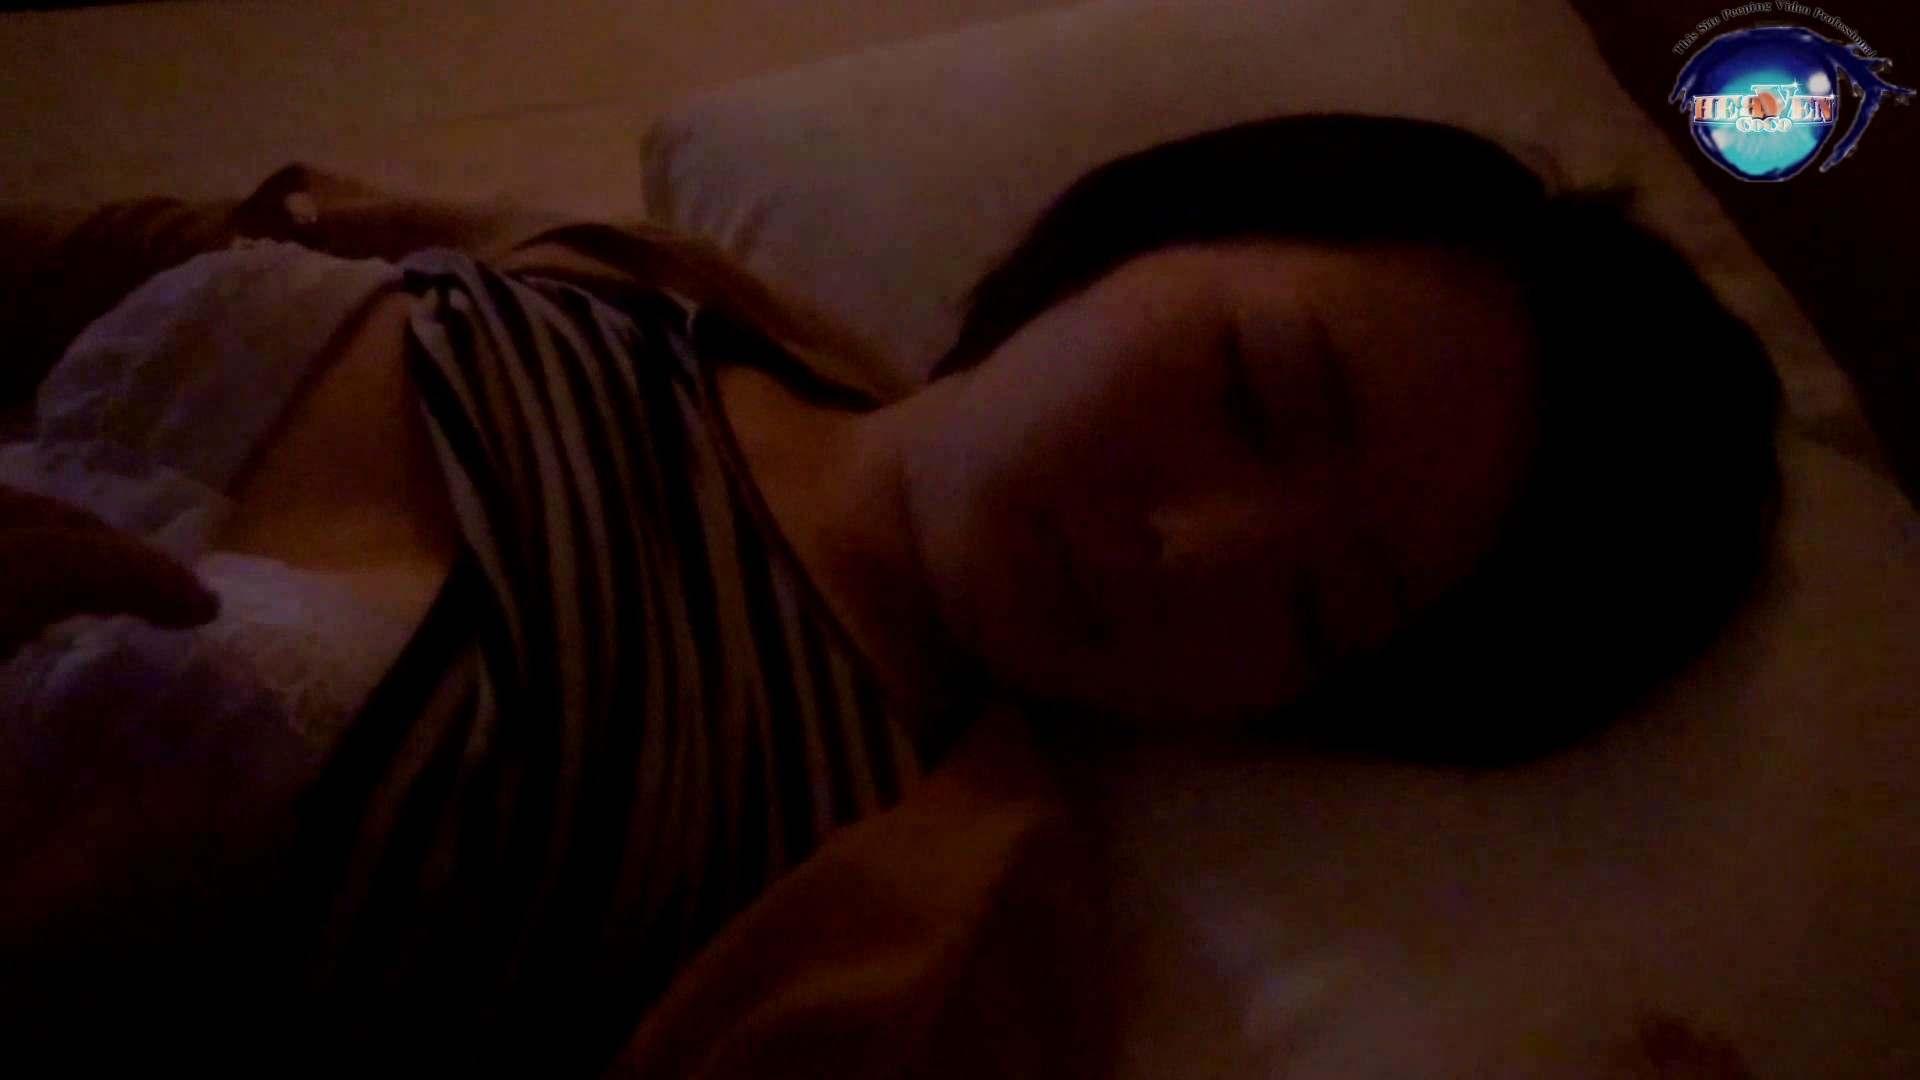 睡魔 シュウライ 第参壱話 前半 女子大生のエロ動画   イタズラ動画  94PIX 83